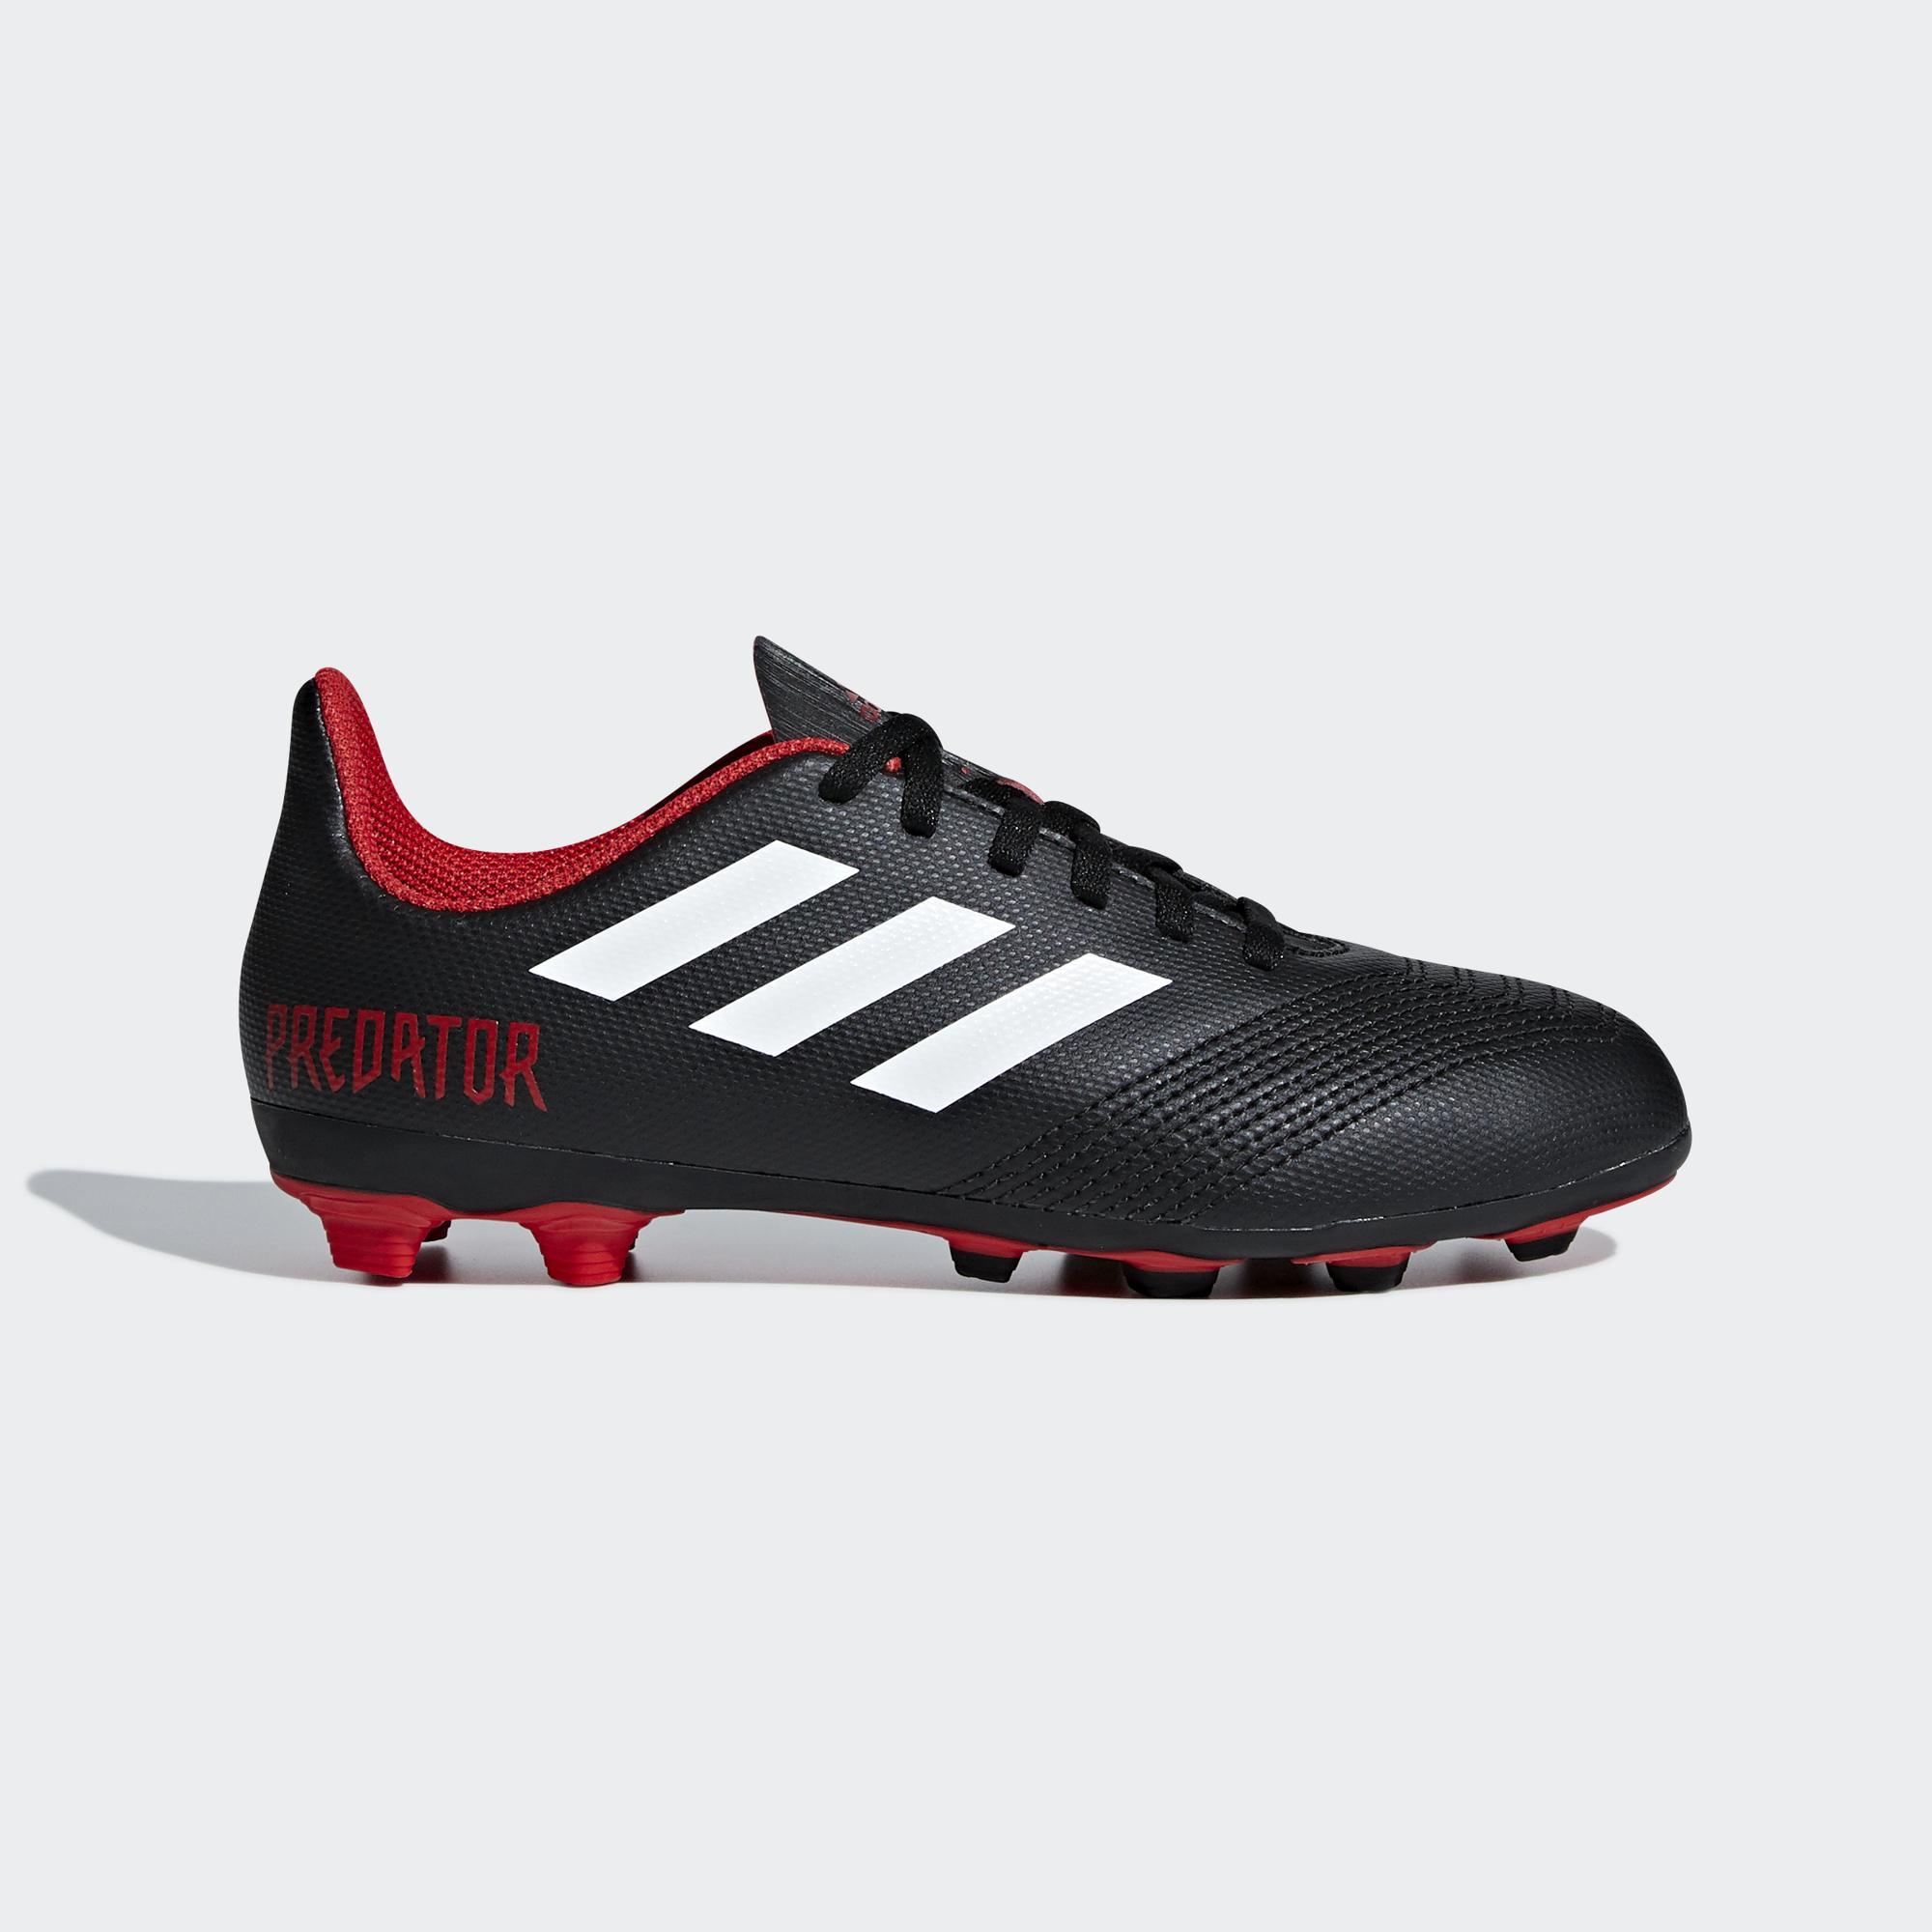 Adidas Scarpe Calcio Predator 18.4 Fxg  Junior